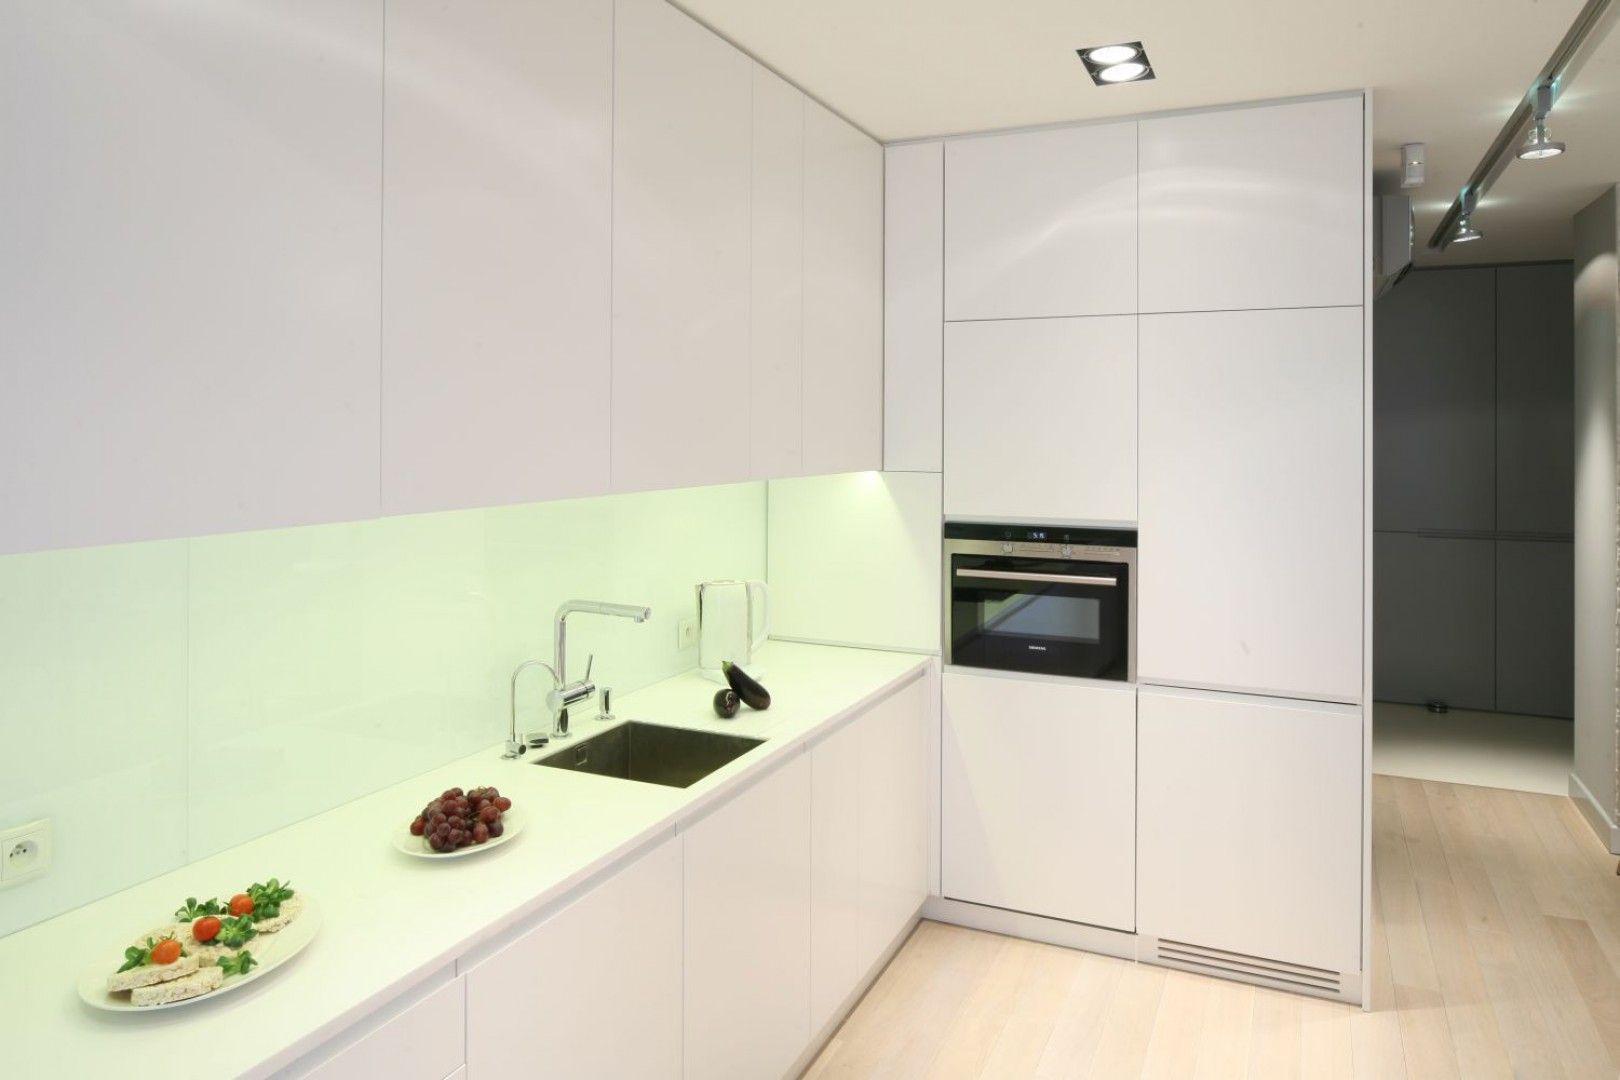 W Otwartej Strefie Dziennej Biala Zabudowa Kuchenna Zostala Zamontowana Az Pod Sam Sufit Projekt Monika I Adam Bronikowscy Kitchen Cabinets Home Decor Kitchen